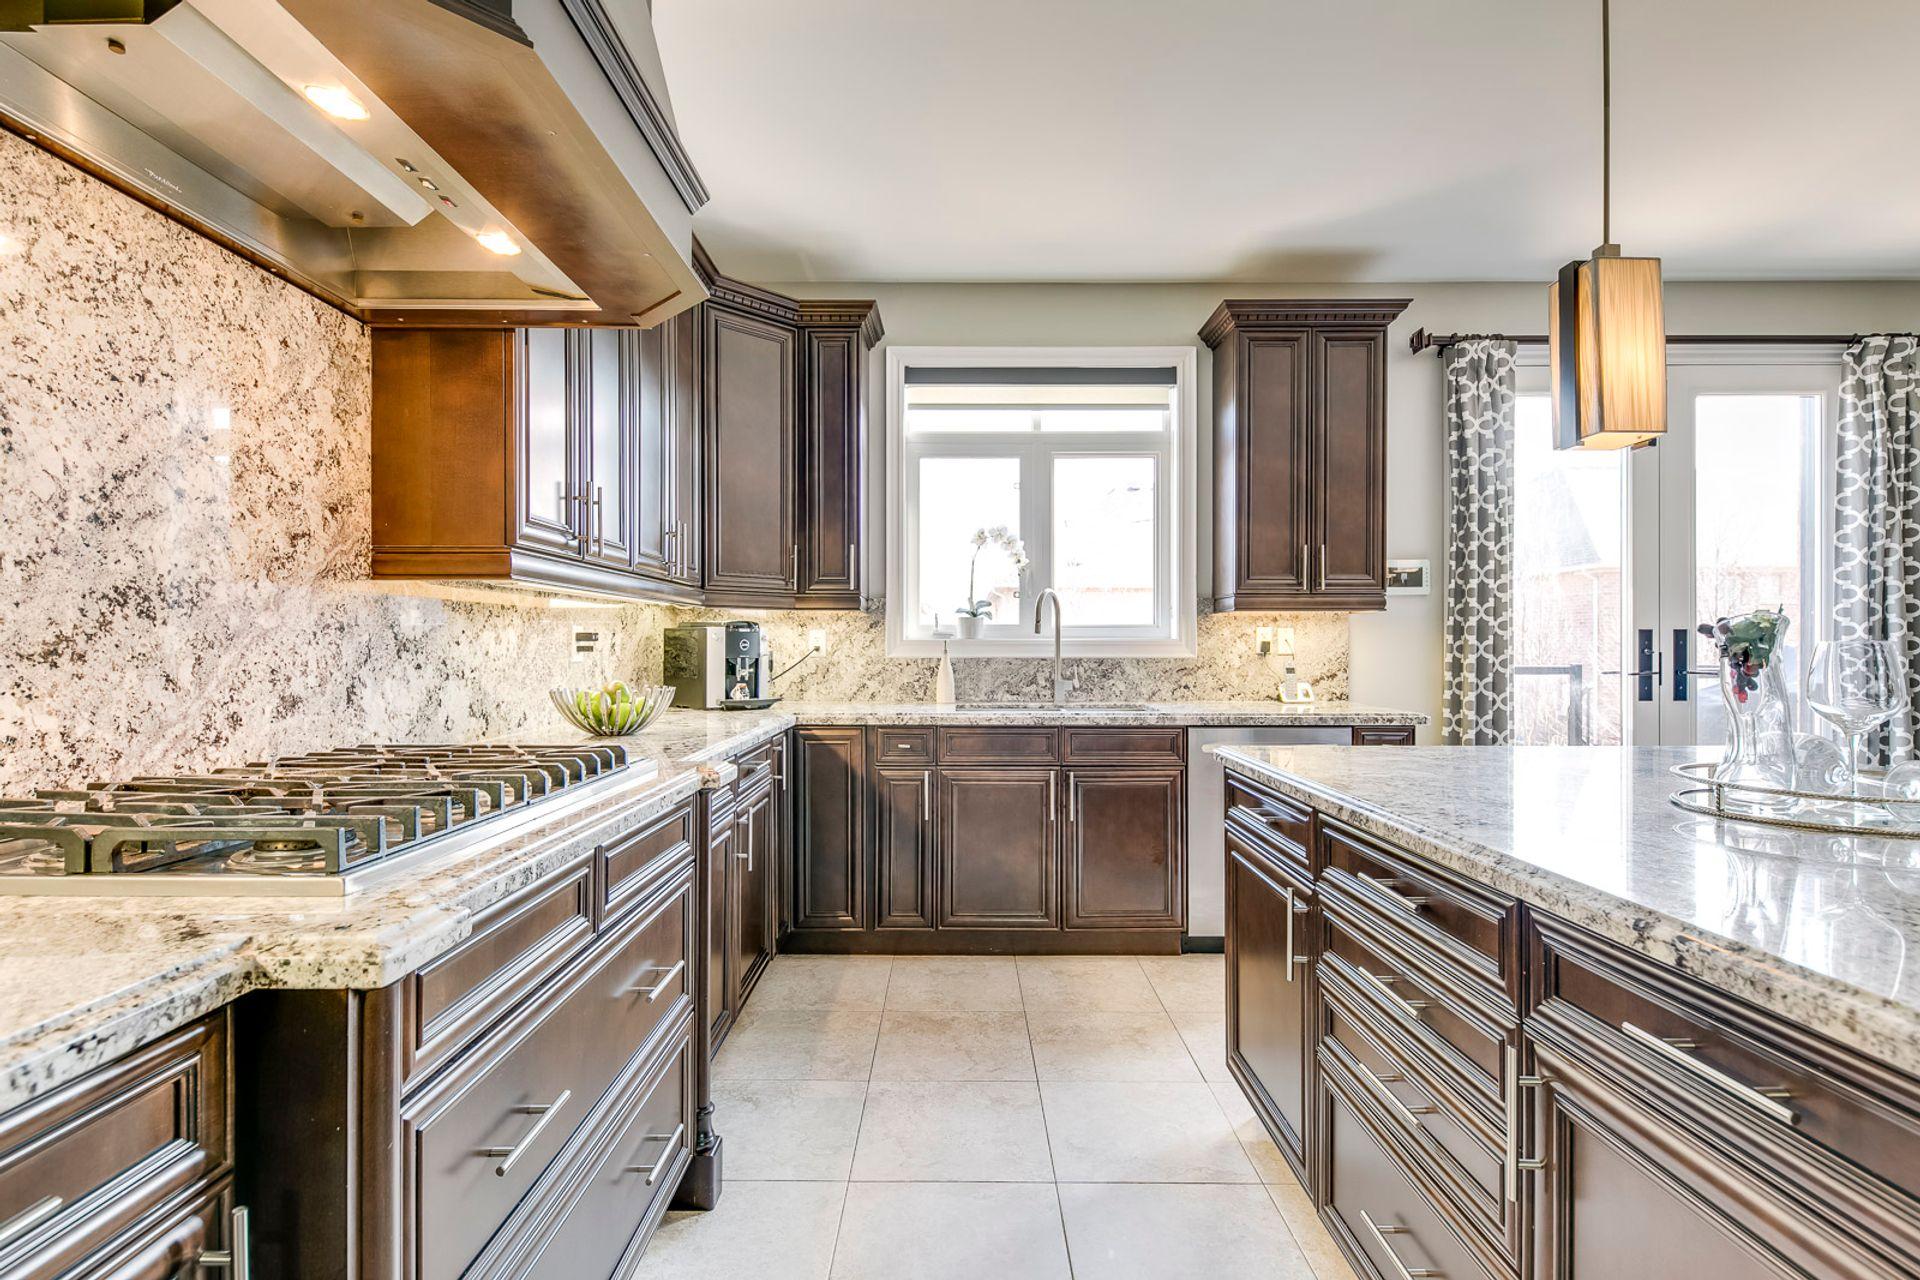 Kitchen - 2419 Sylvia Dr, Oakville - Elite3 & Team at 2419 Sylvia Drive, Iroquois Ridge North, Oakville